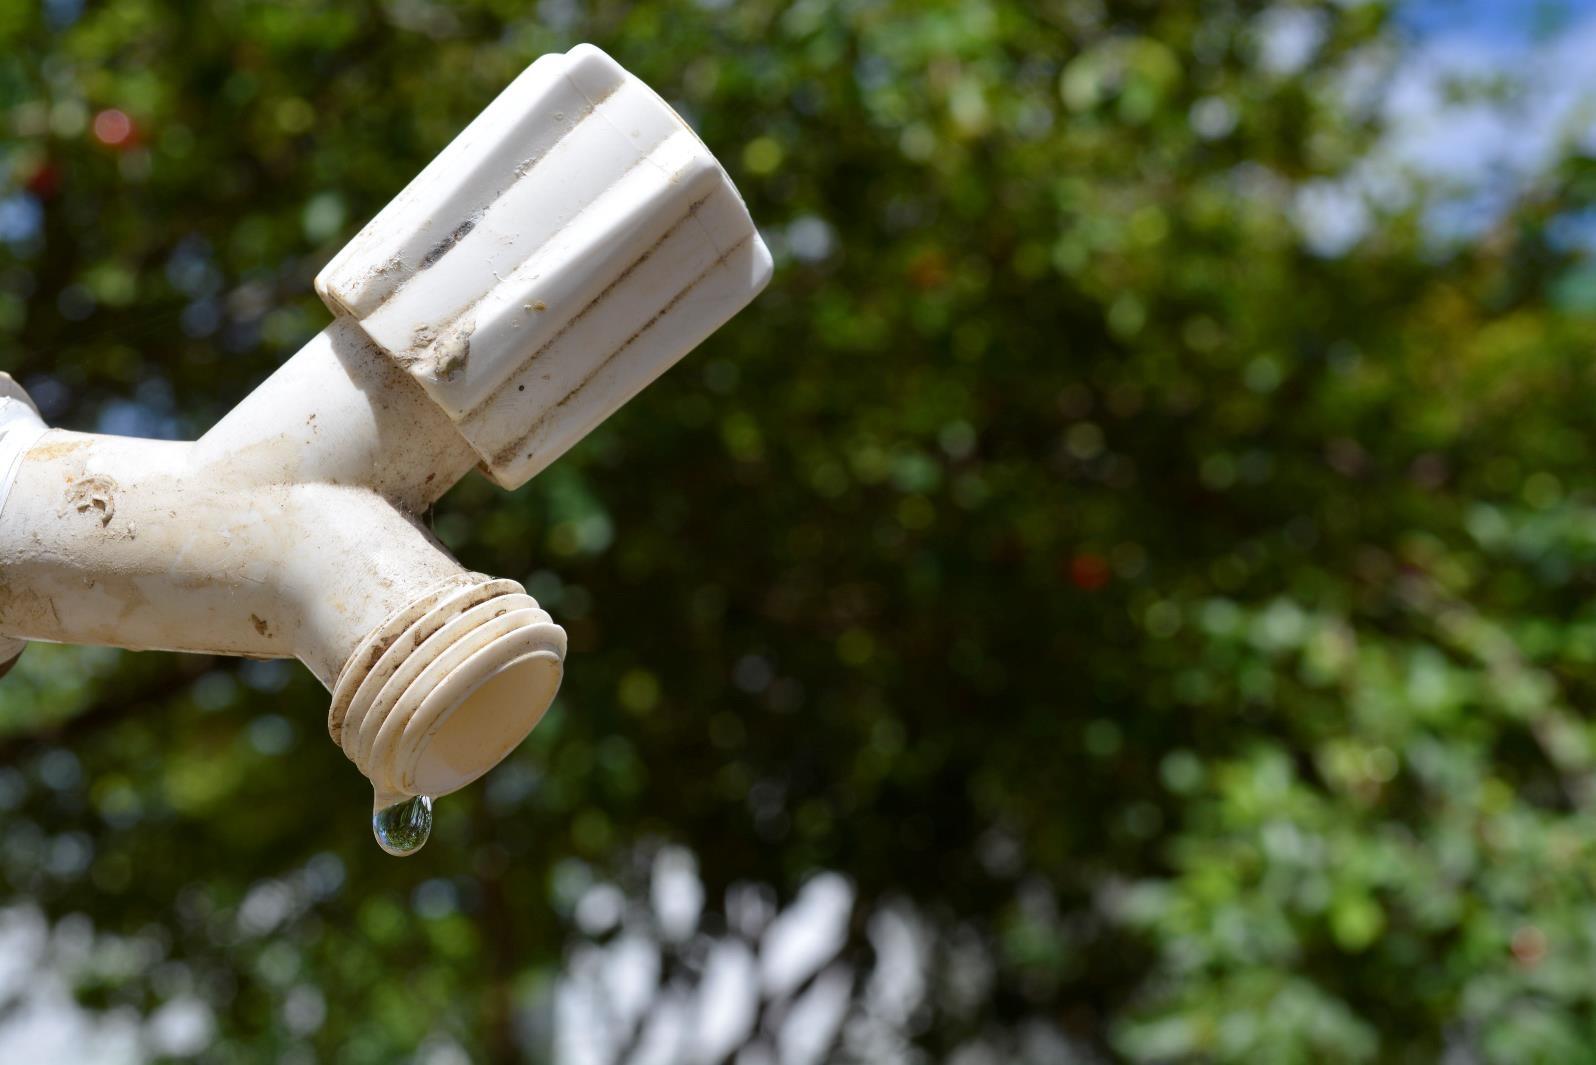 Falta água em oito localidades de João Pessoa nesta quarta-feira (18), diz Cagepa - Notícias - Plantão Diário